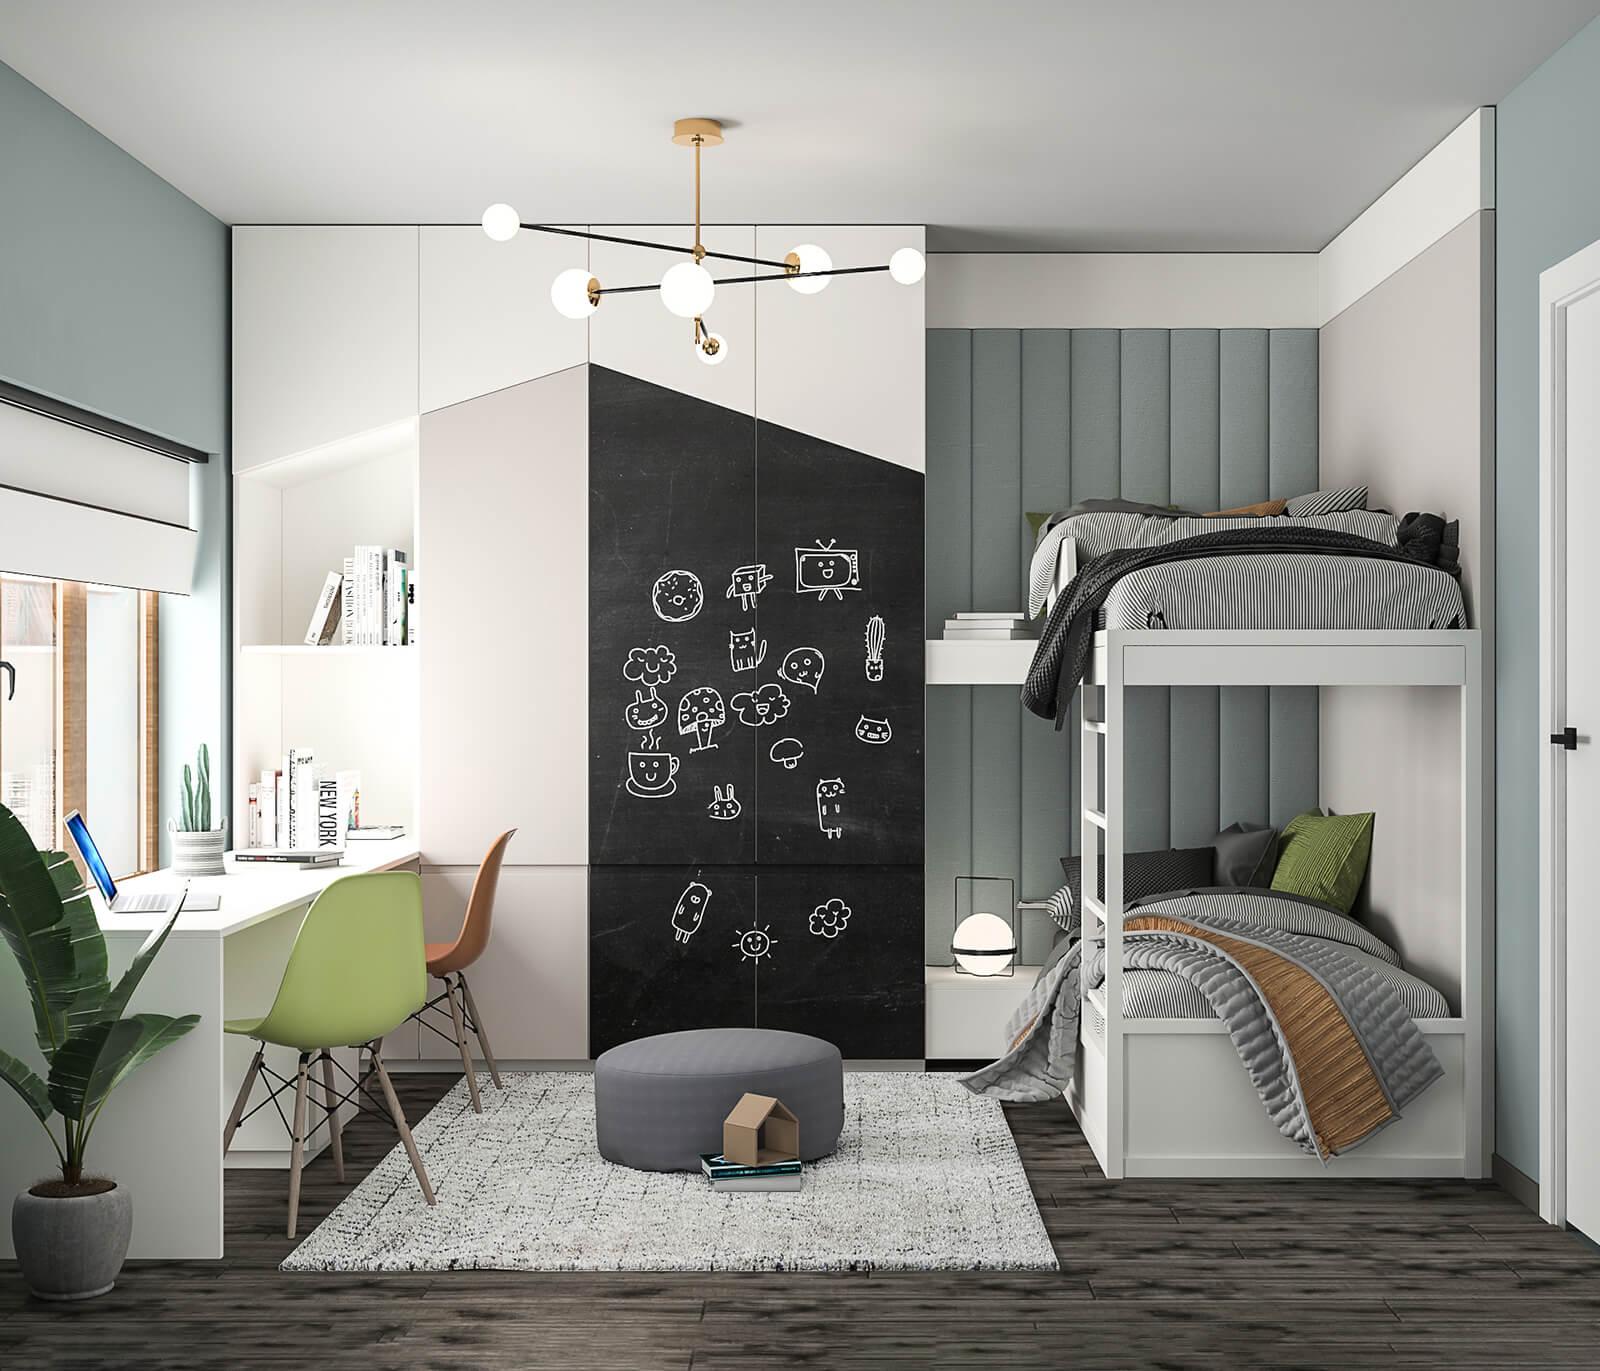 interioren-dizain-proekt-na-detska-staya-albedo-et-III